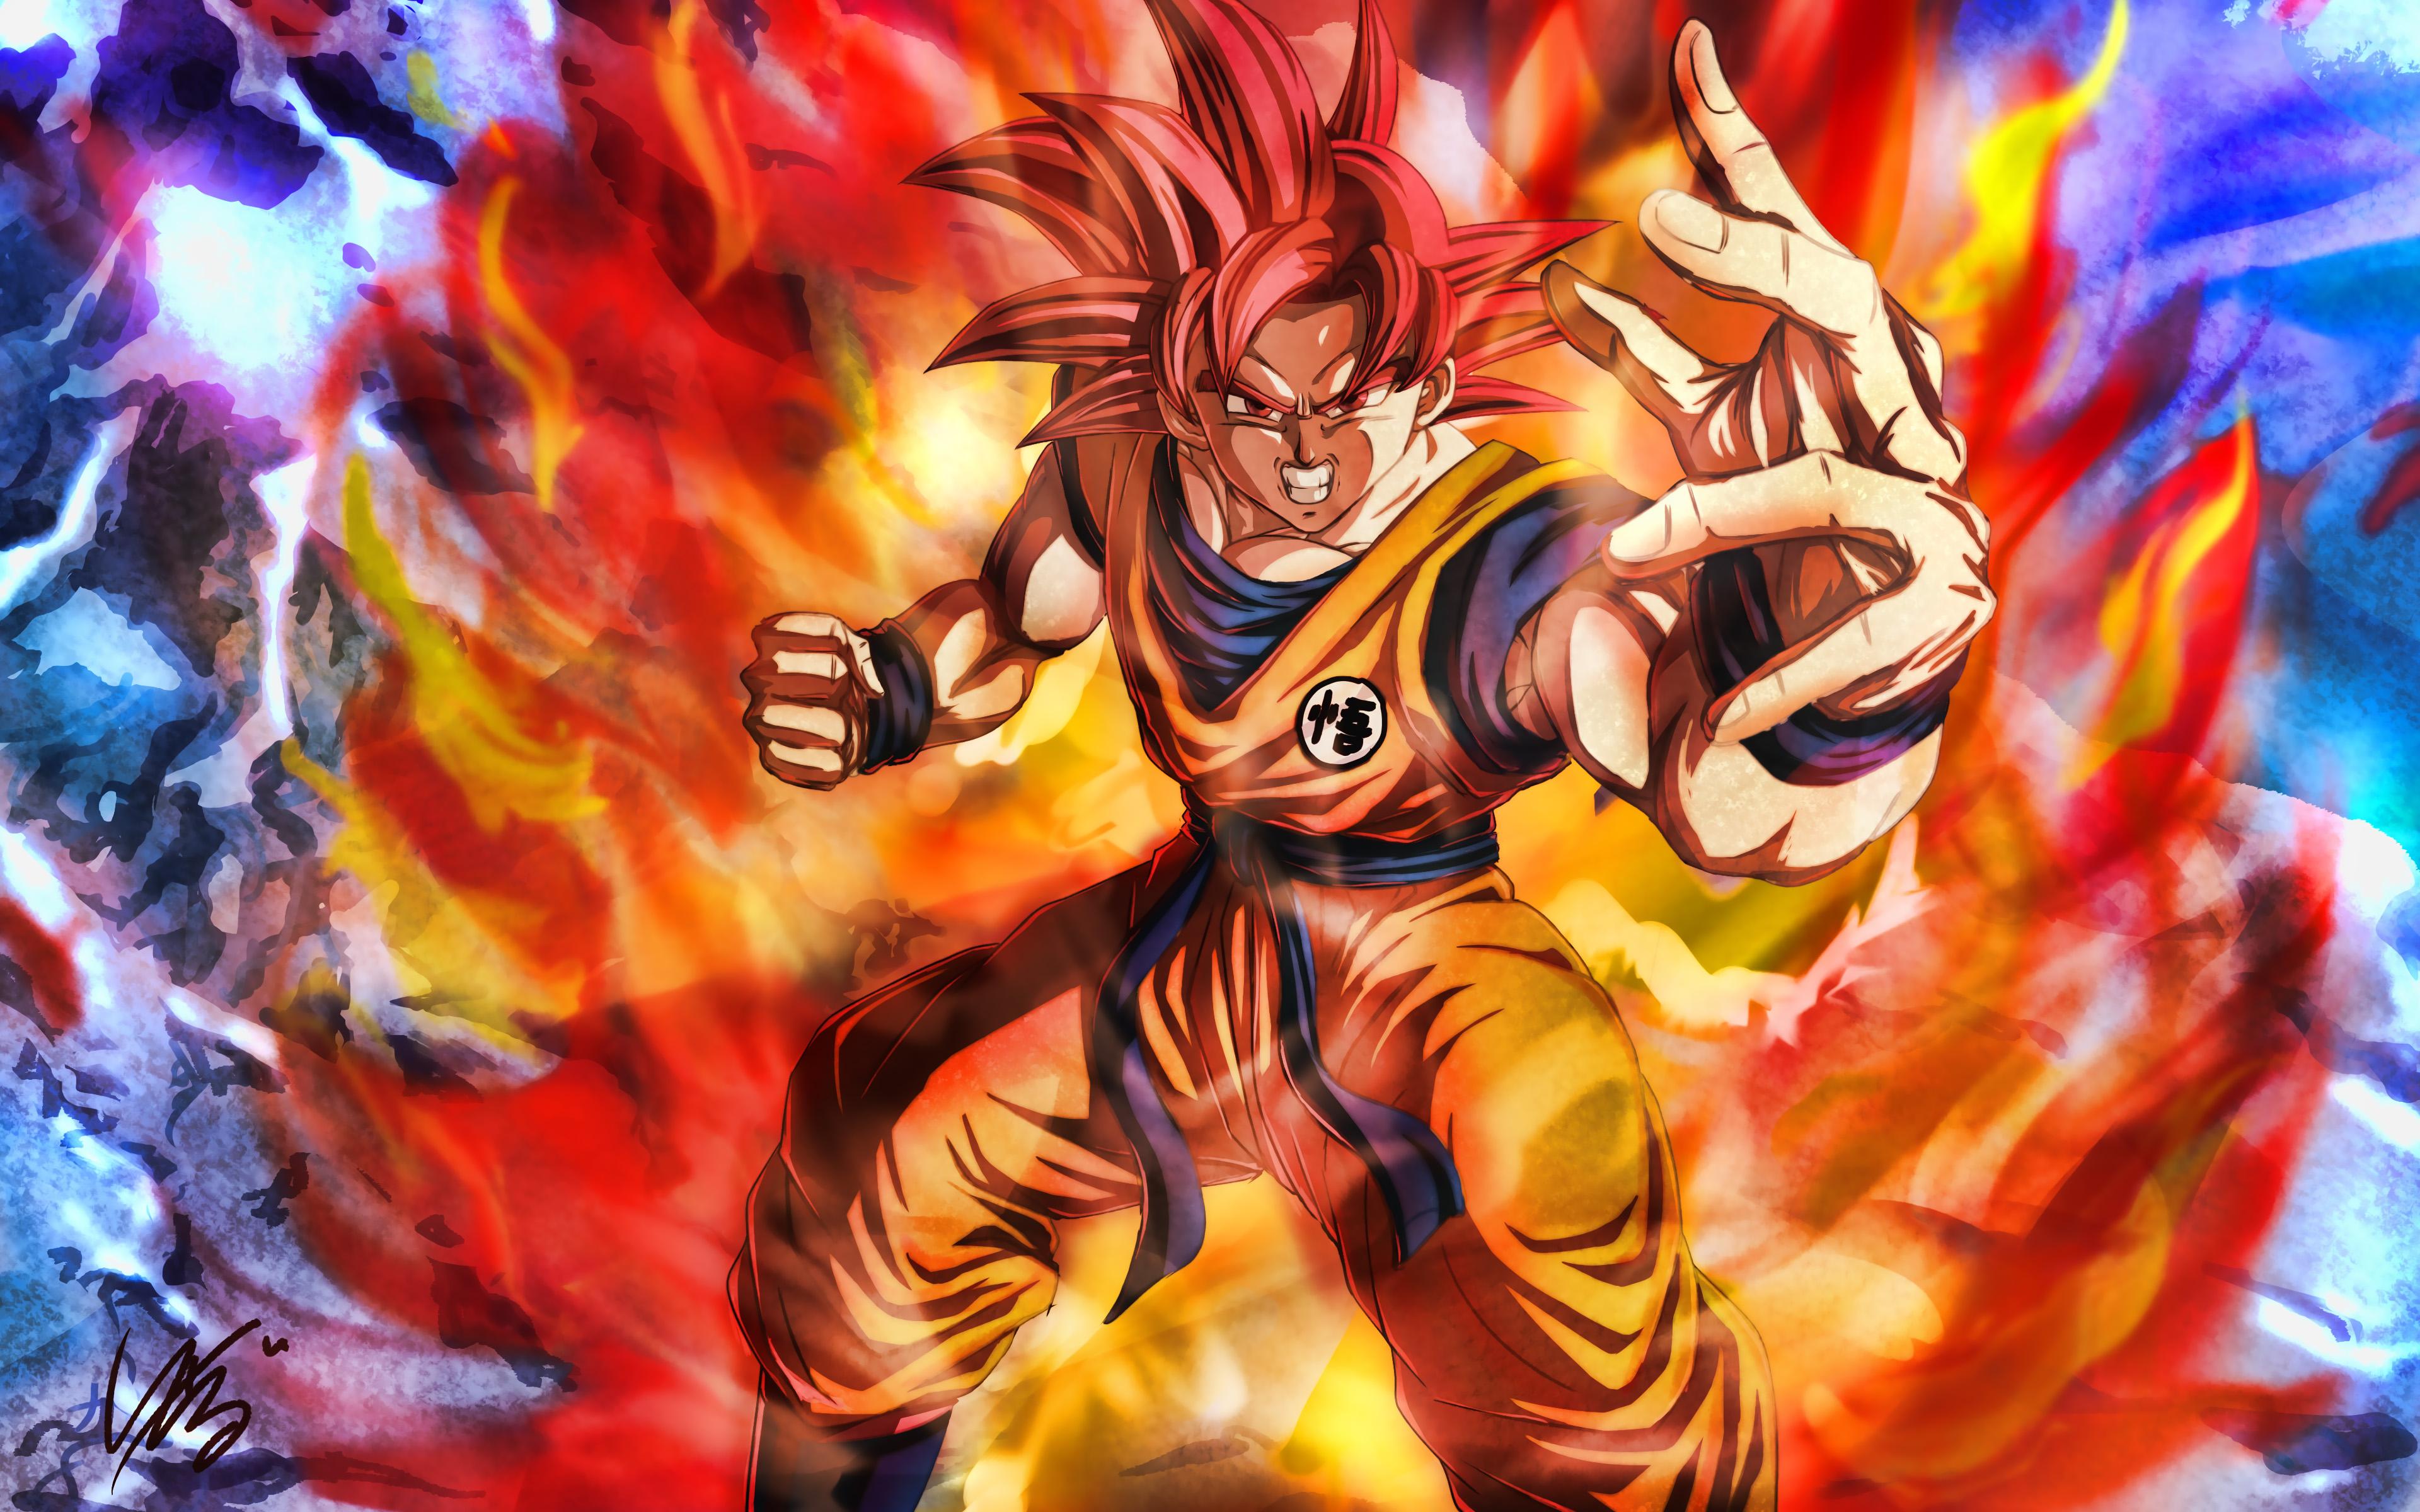 Super Saiyan God 4k Dbs Characters Dragon Ball Goku 3840x2400 Wallpaper Teahub Io